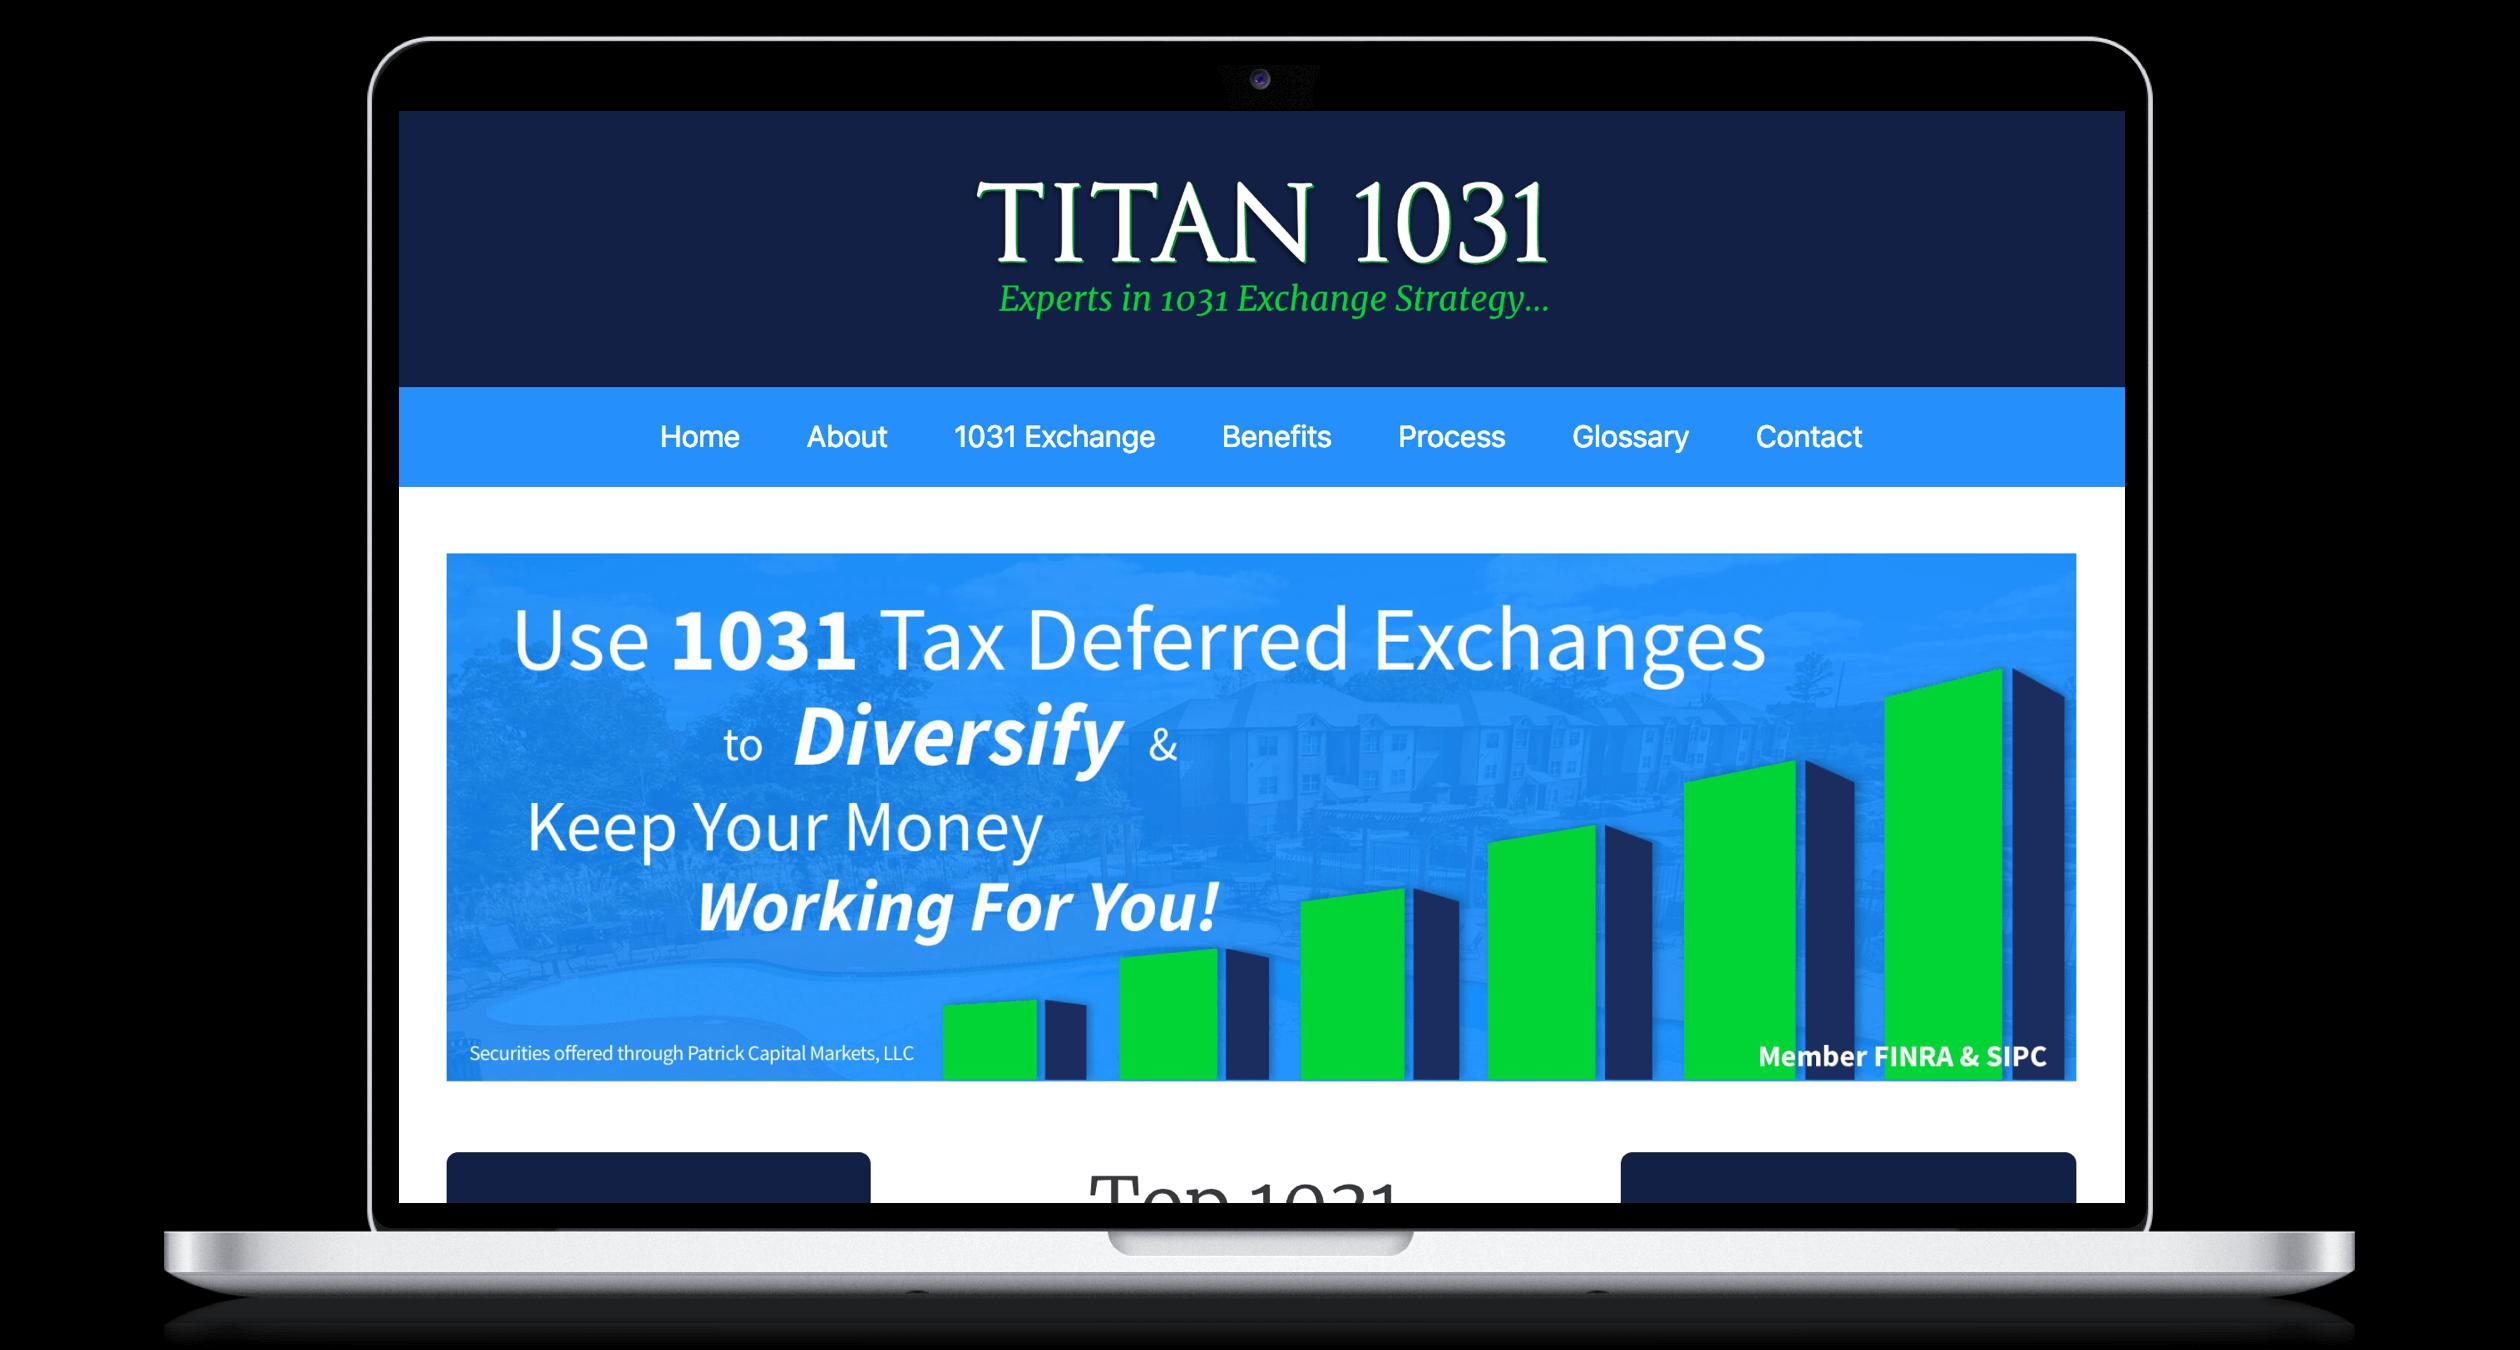 PHX-Web-Agency-Titan-1031-Real-Estate-Exchange-Website-Design-After